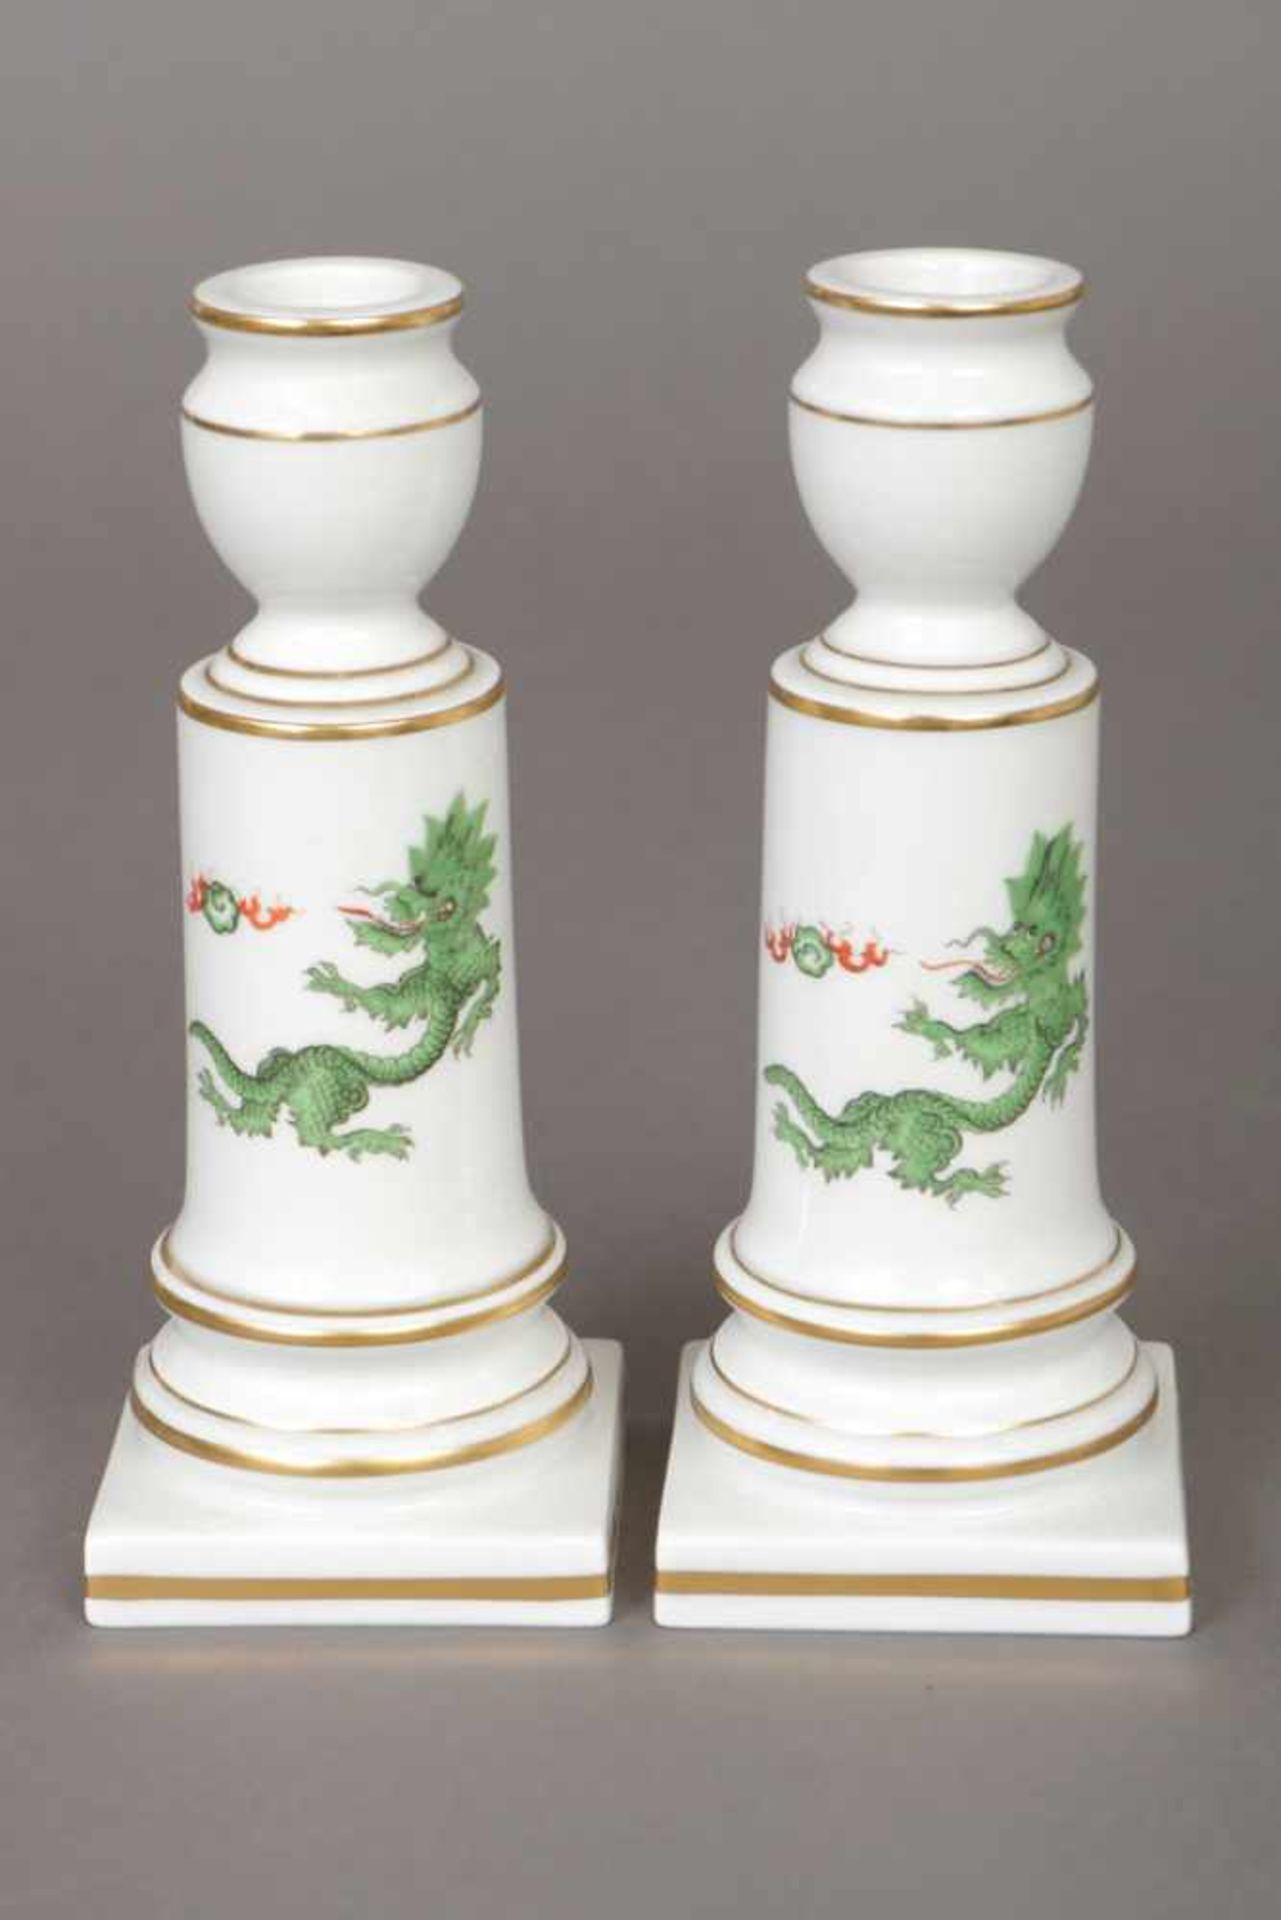 Los 64 - Paar MEISSEN Kerzenleuchter 2. Hälfte 20. Jhdt., mehrfach gegliederter Kerzenschaft auf eckigem